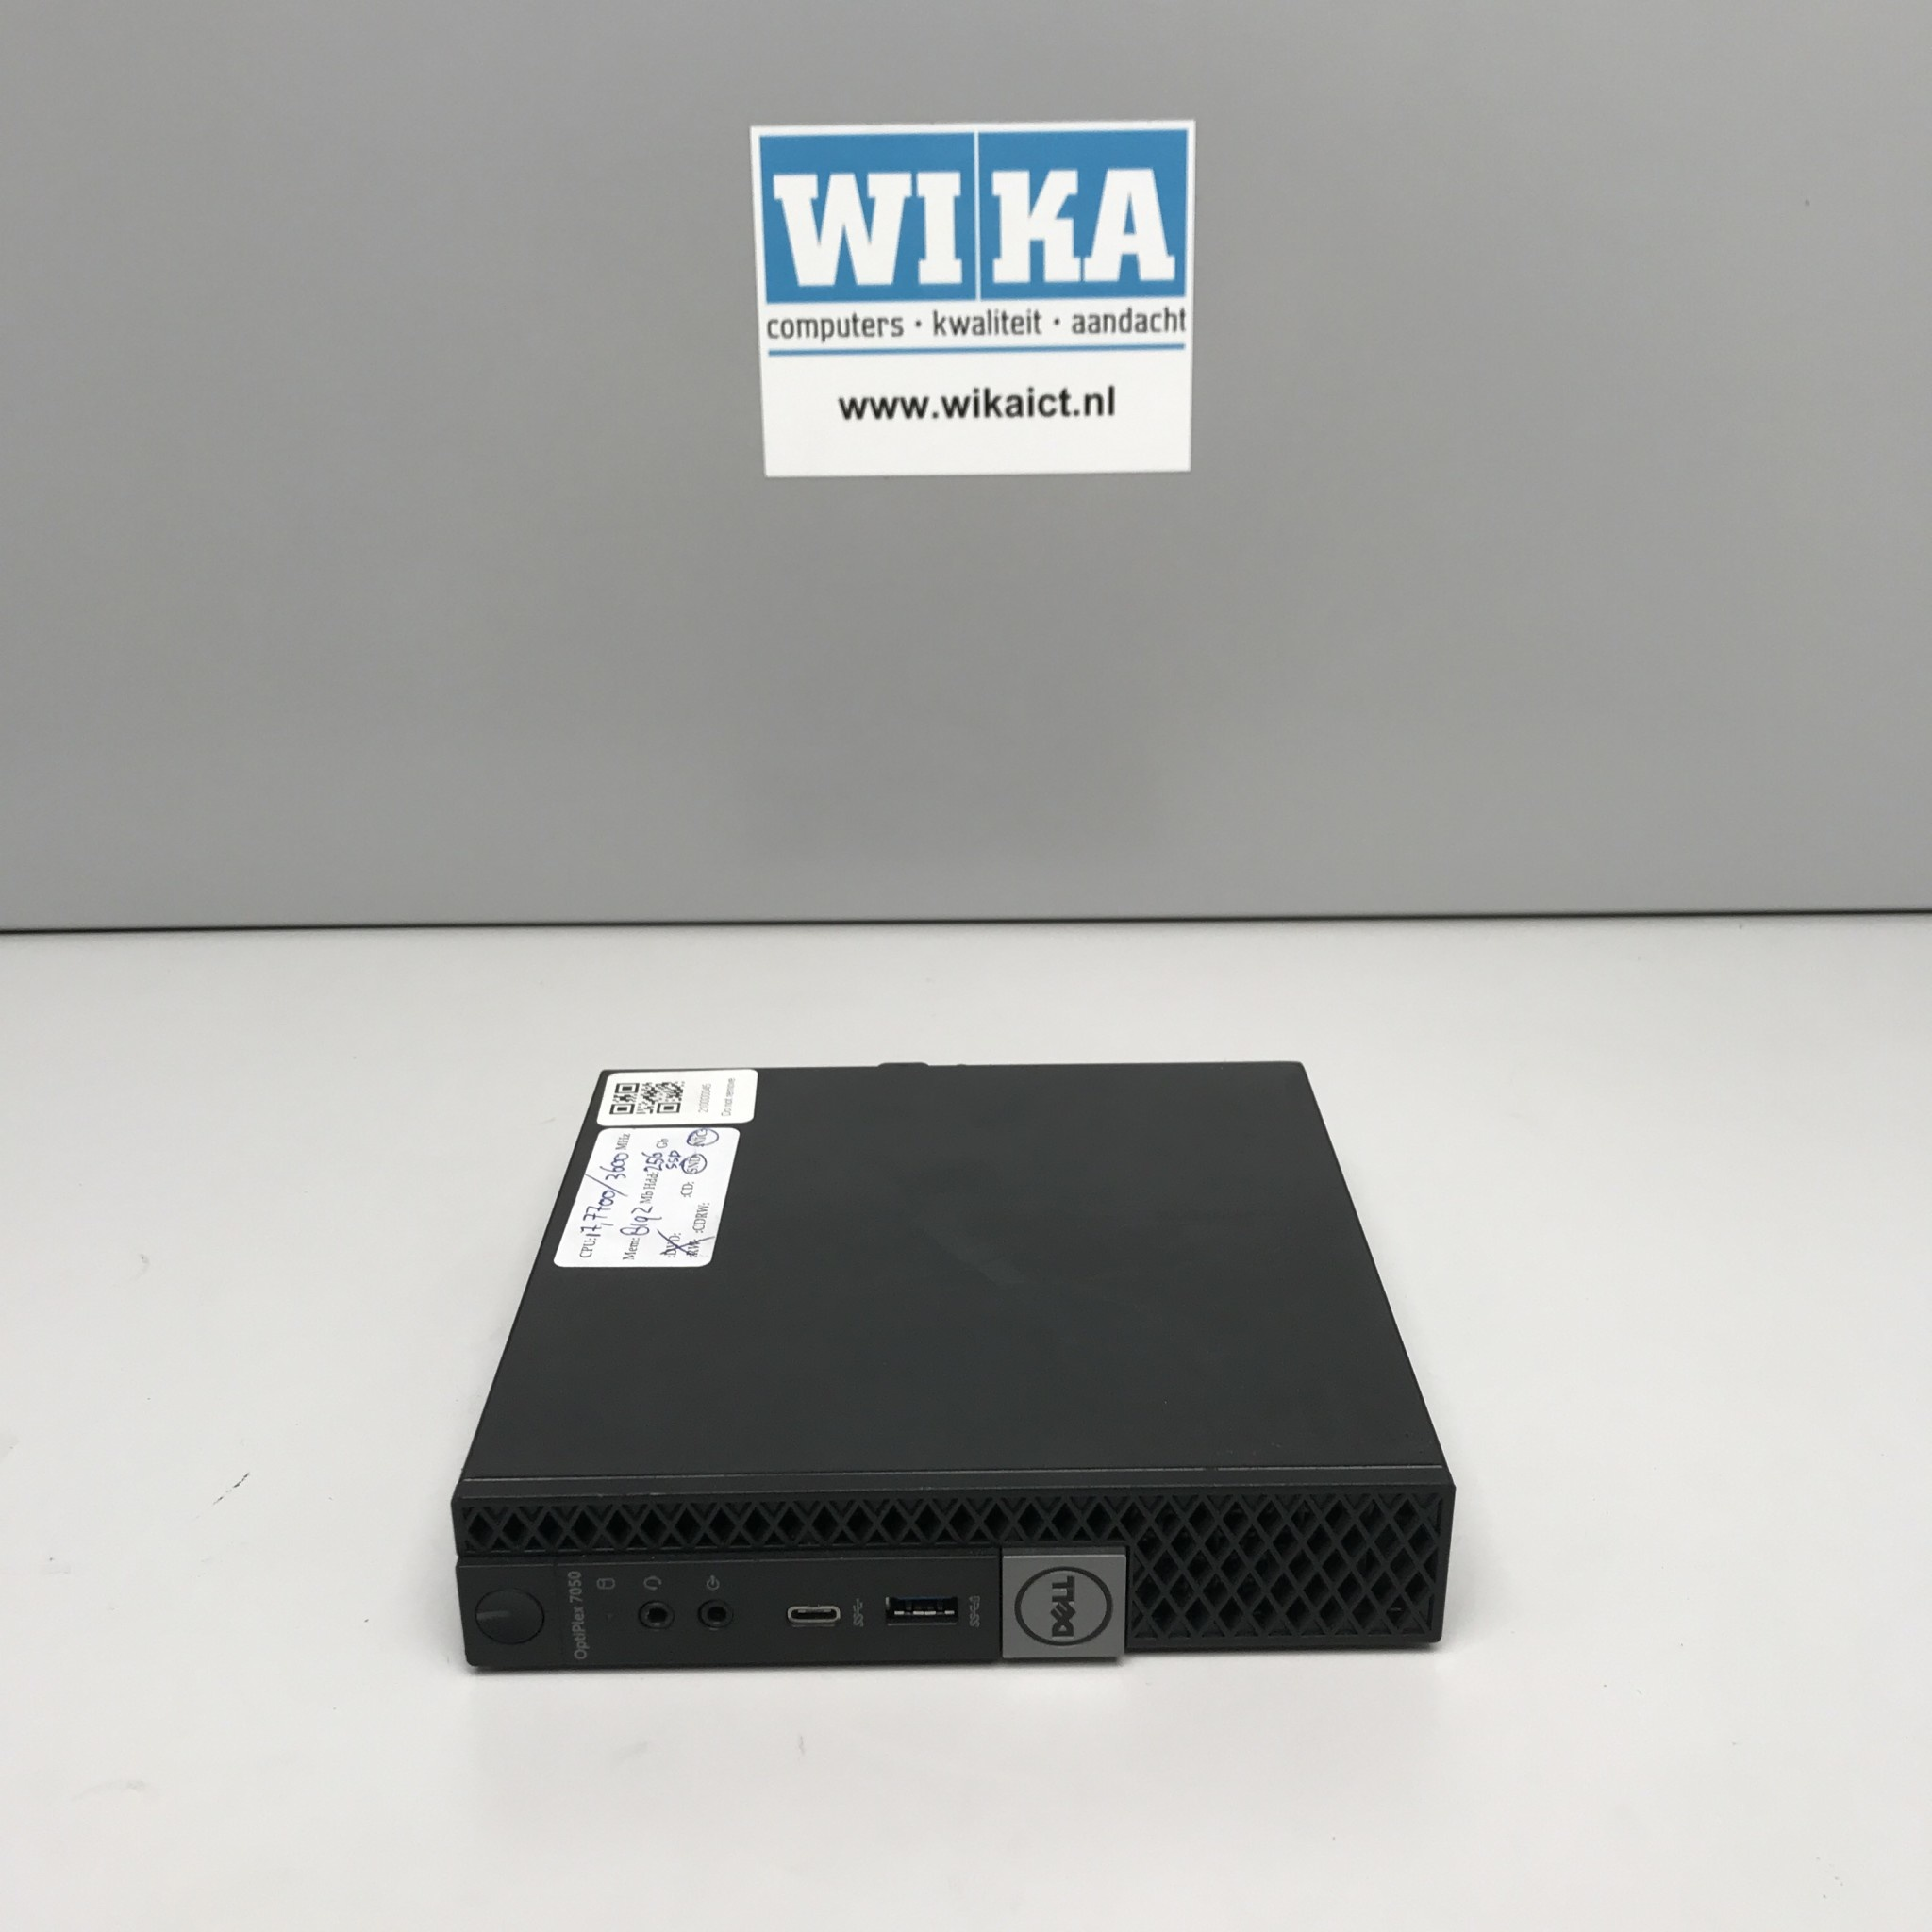 Dell Optiplex 7050 i7-7700 8Gb 256Gb SSD W10 Pro Tiny PC